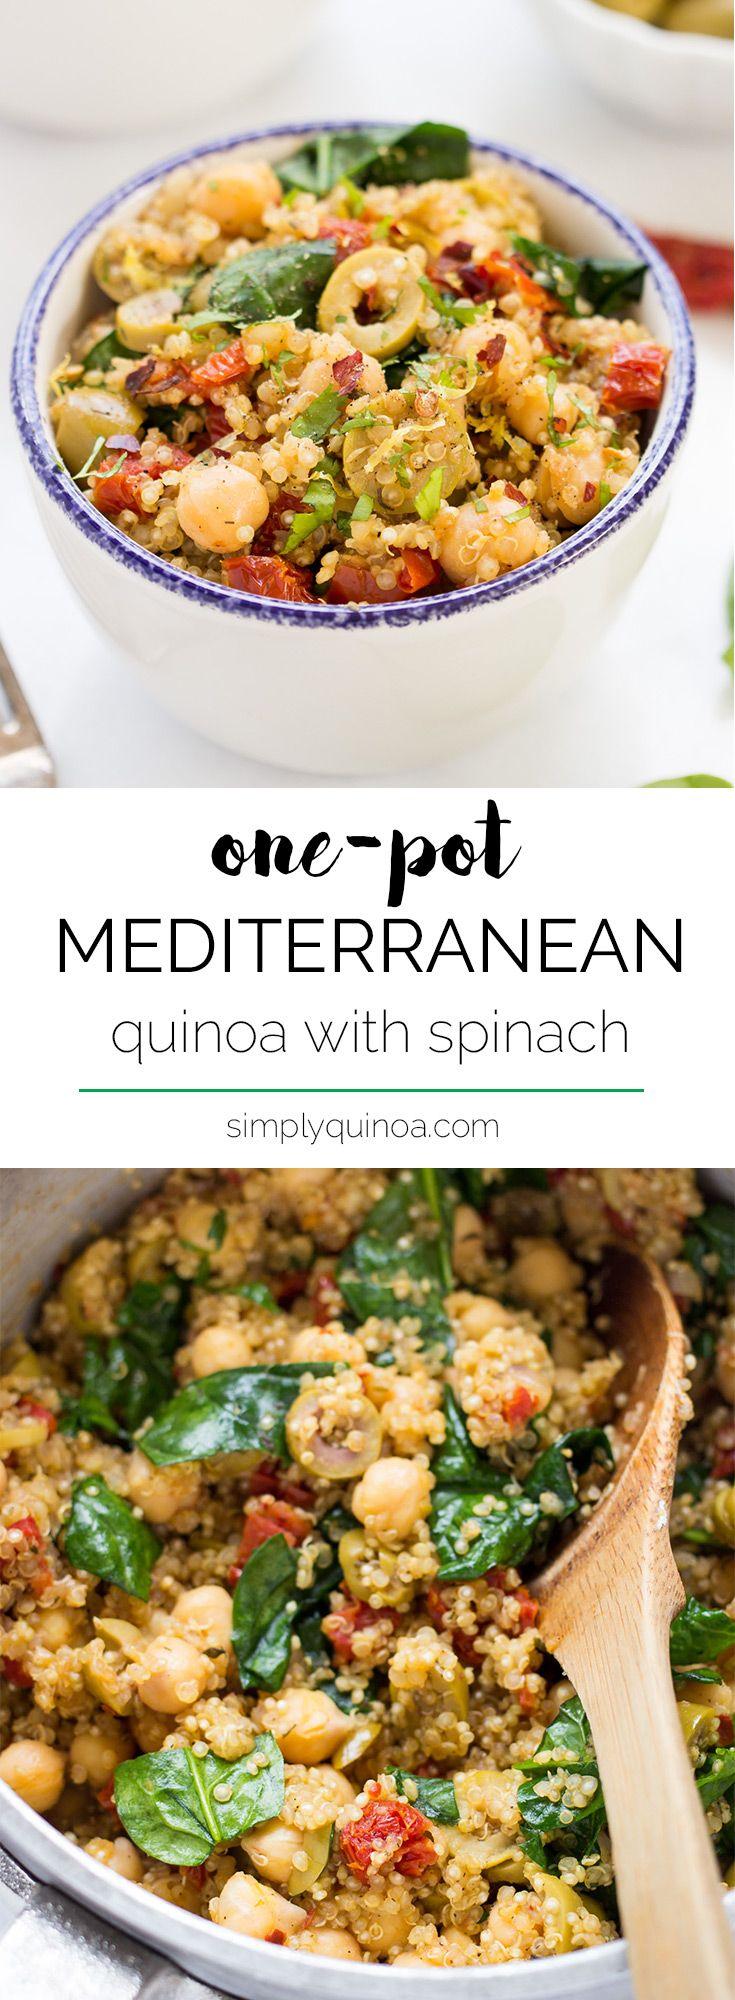 One Pot Mediterranean Quinoa With Spinach Chickpeas